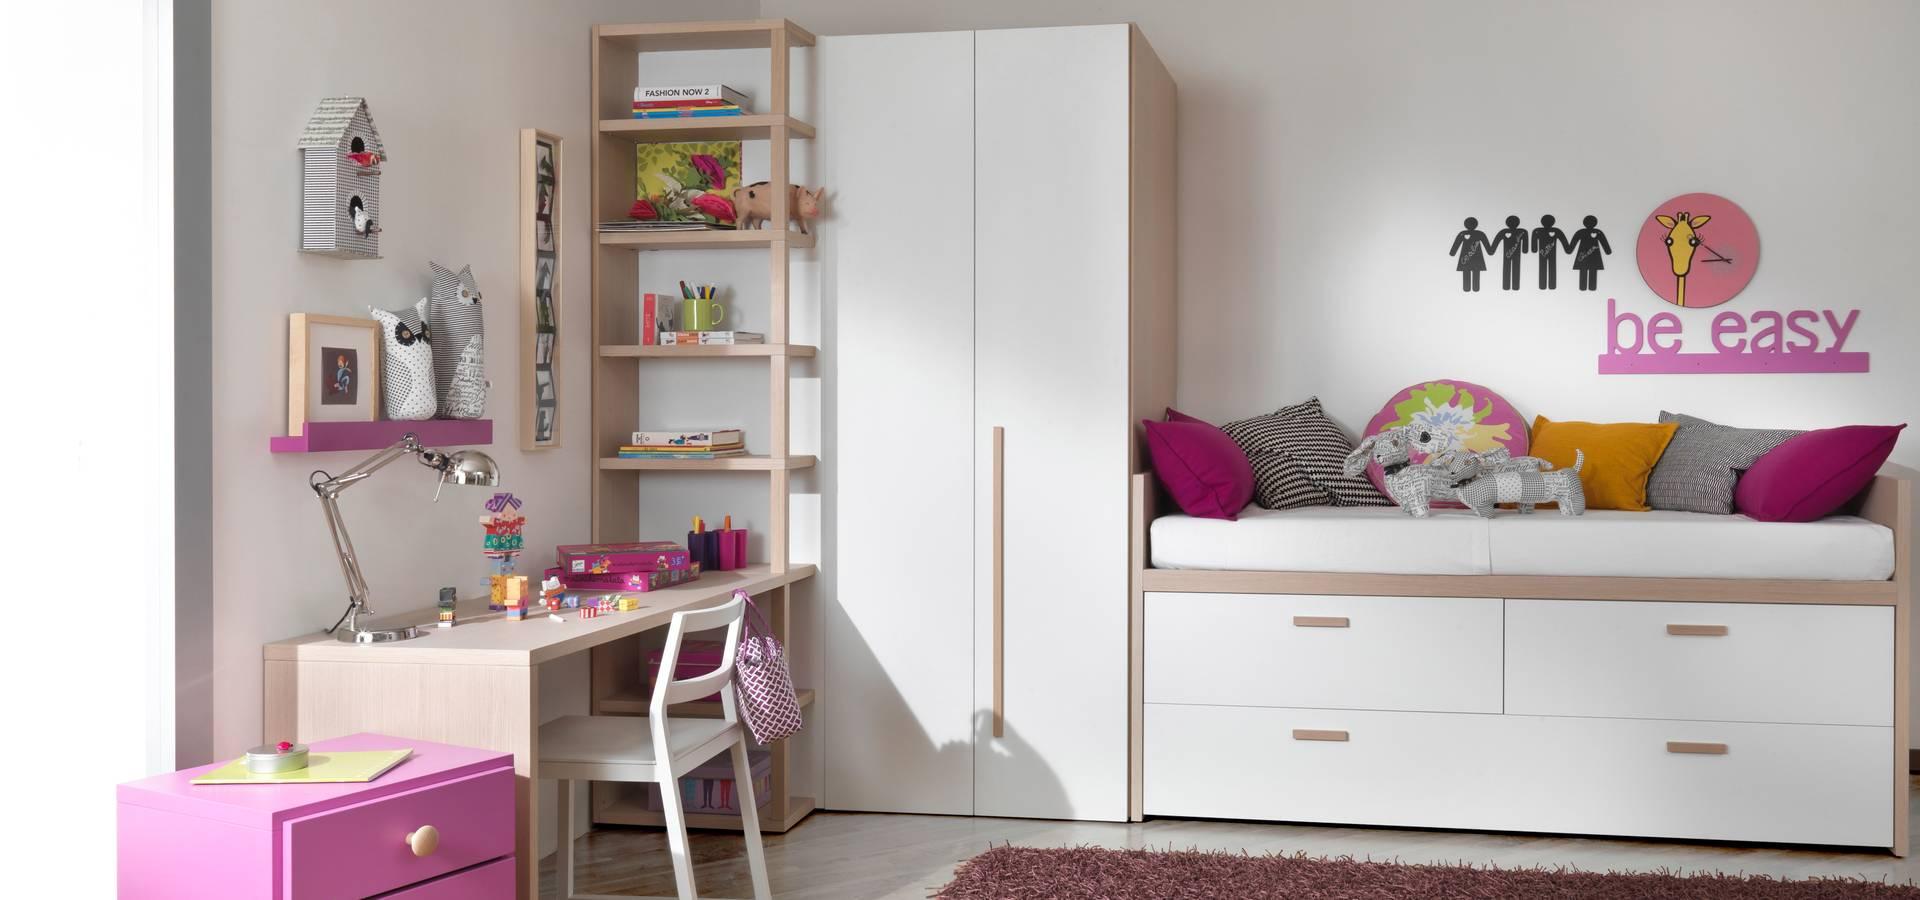 Fabelhaft Einrichtung Jugendzimmer Ideen Von Mobimio – Räume Für Kinder